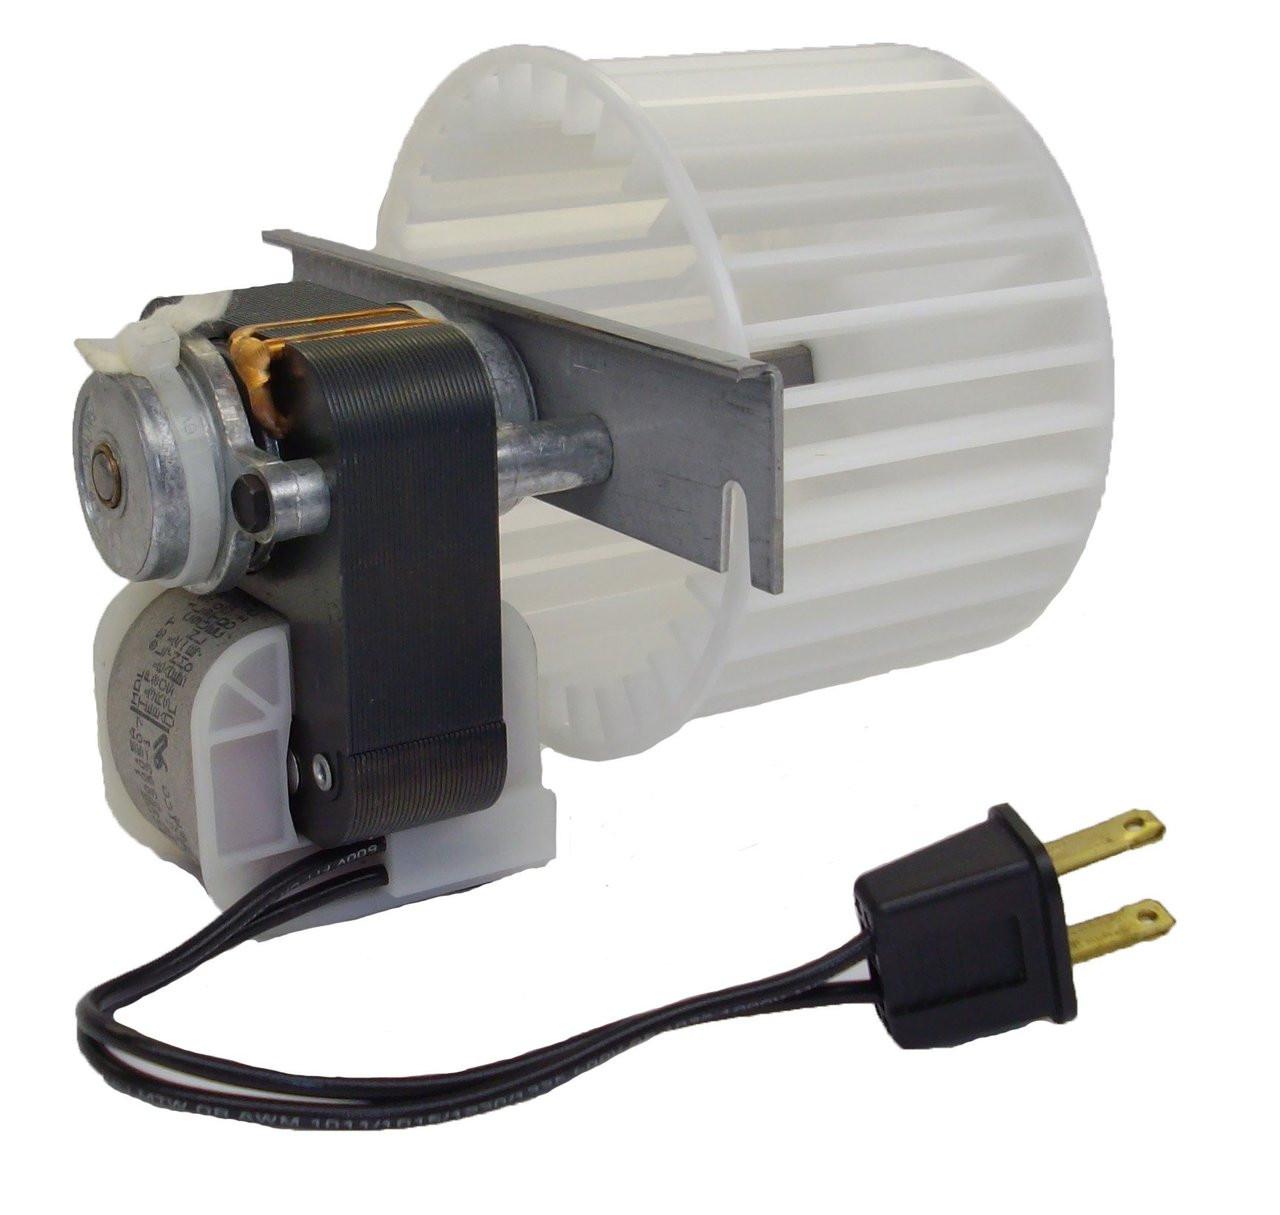 97005906__09780.1435075858.1280.1280 nutone bathroom fan wiring diagram dolgular com nutone model 9093 wiring diagram at soozxer.org